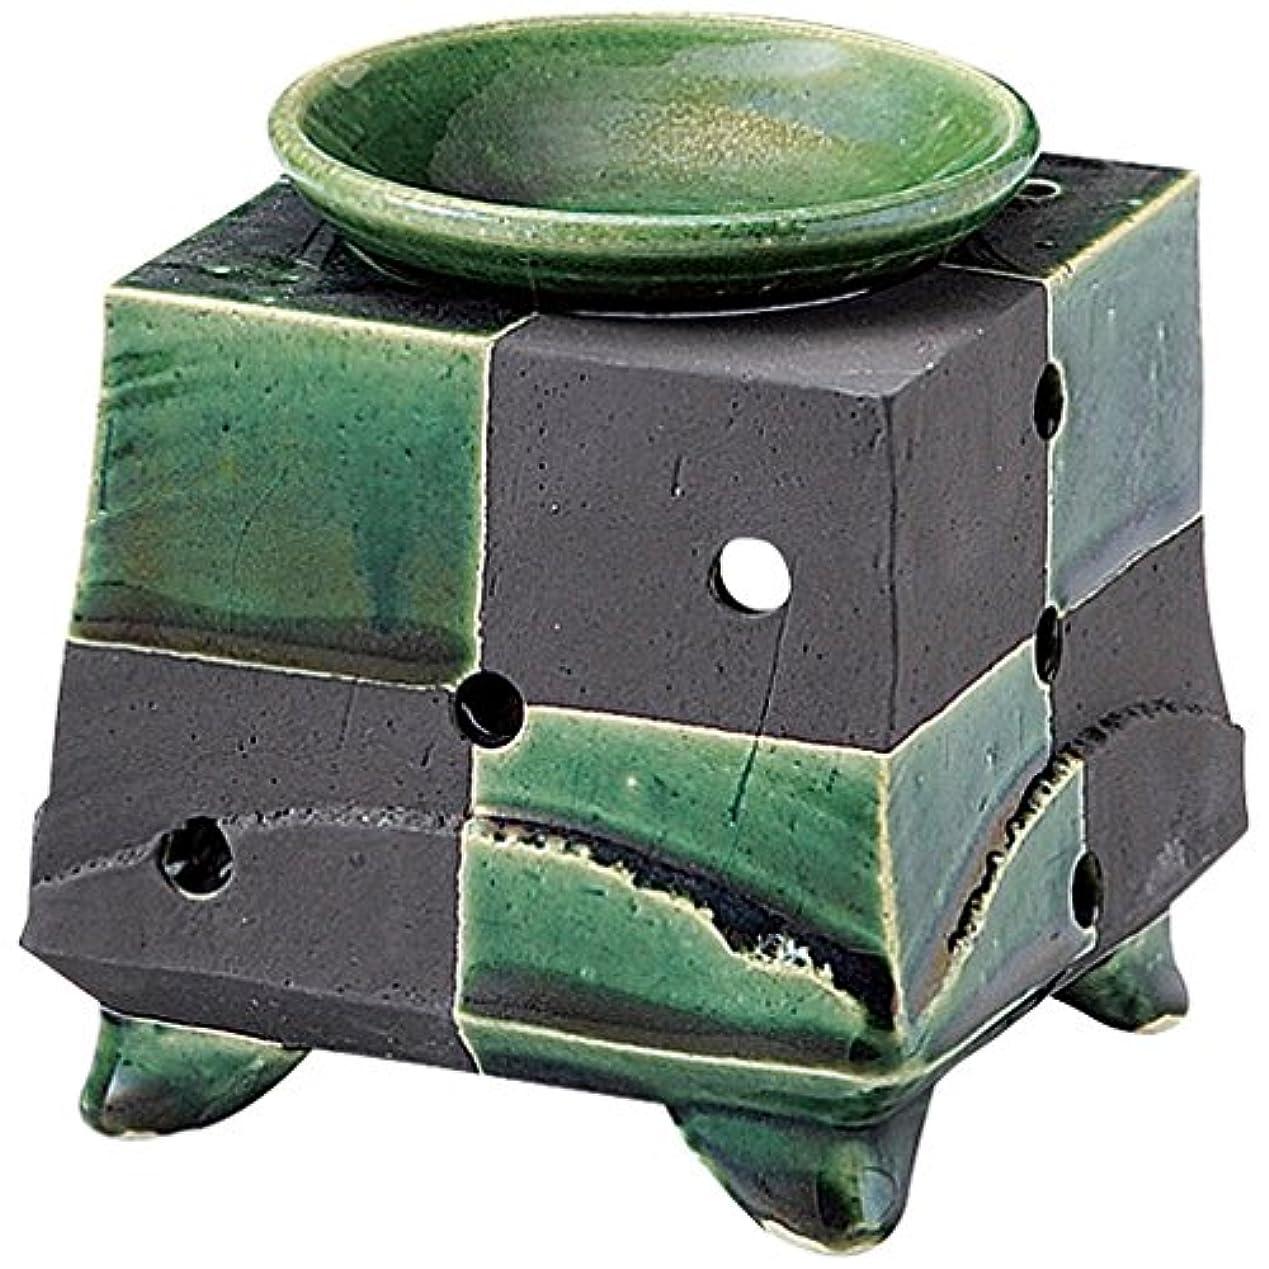 白い弾力性のある広い山下工芸 常滑焼 佳窯織部黒市松茶香炉 11.5×11.5×11.5cm 13045770